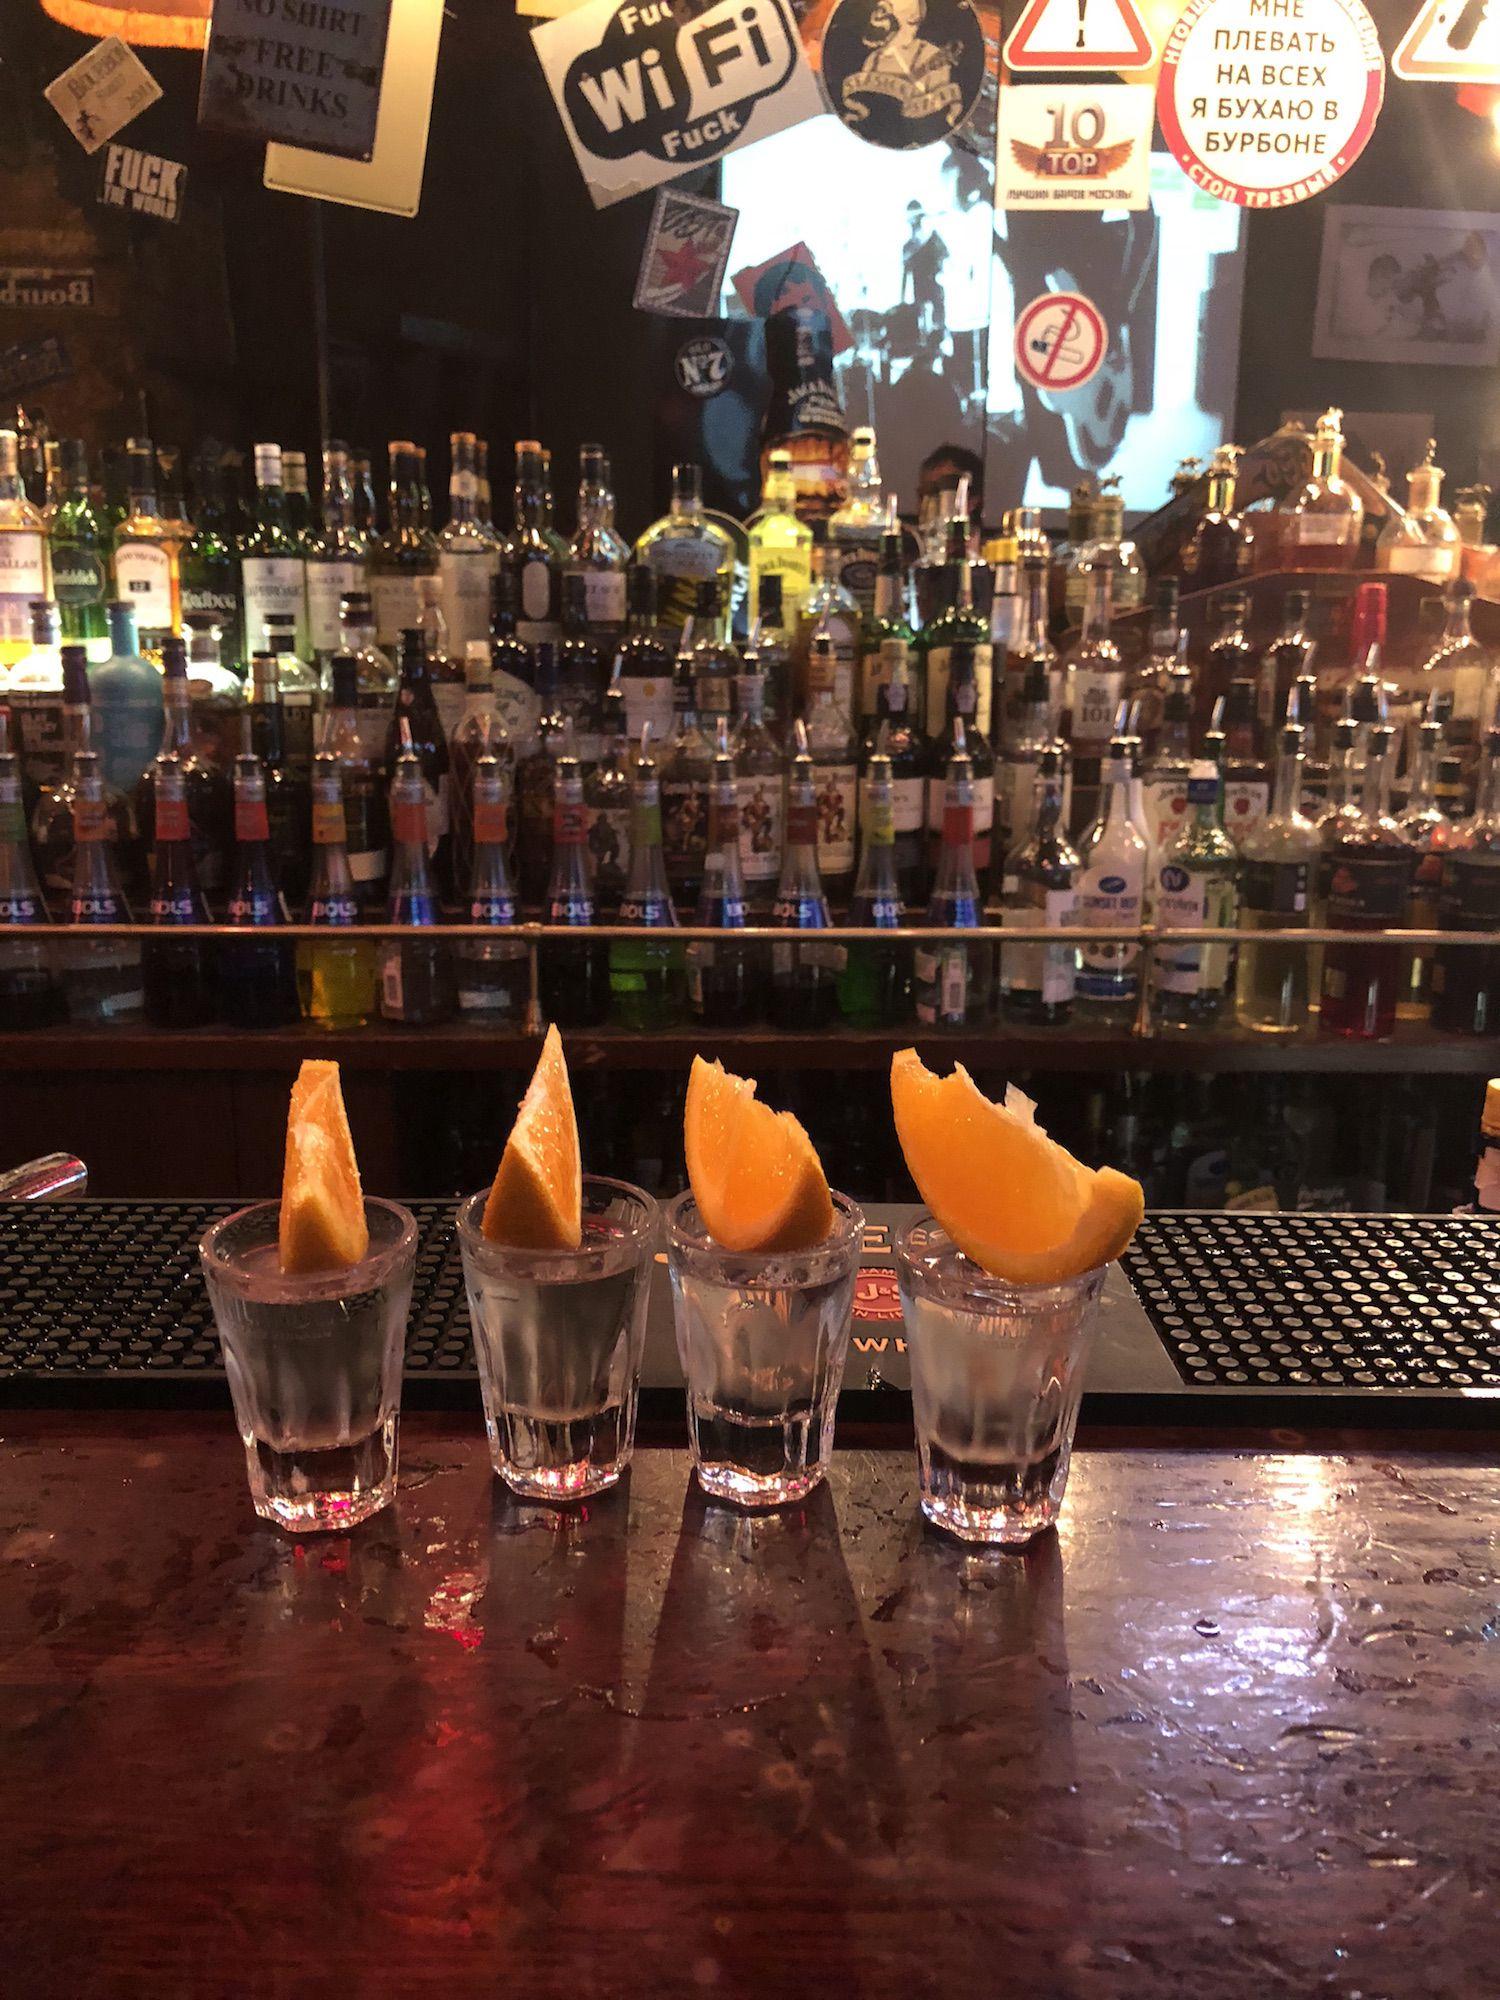 La manera correcta de tomar vodka.